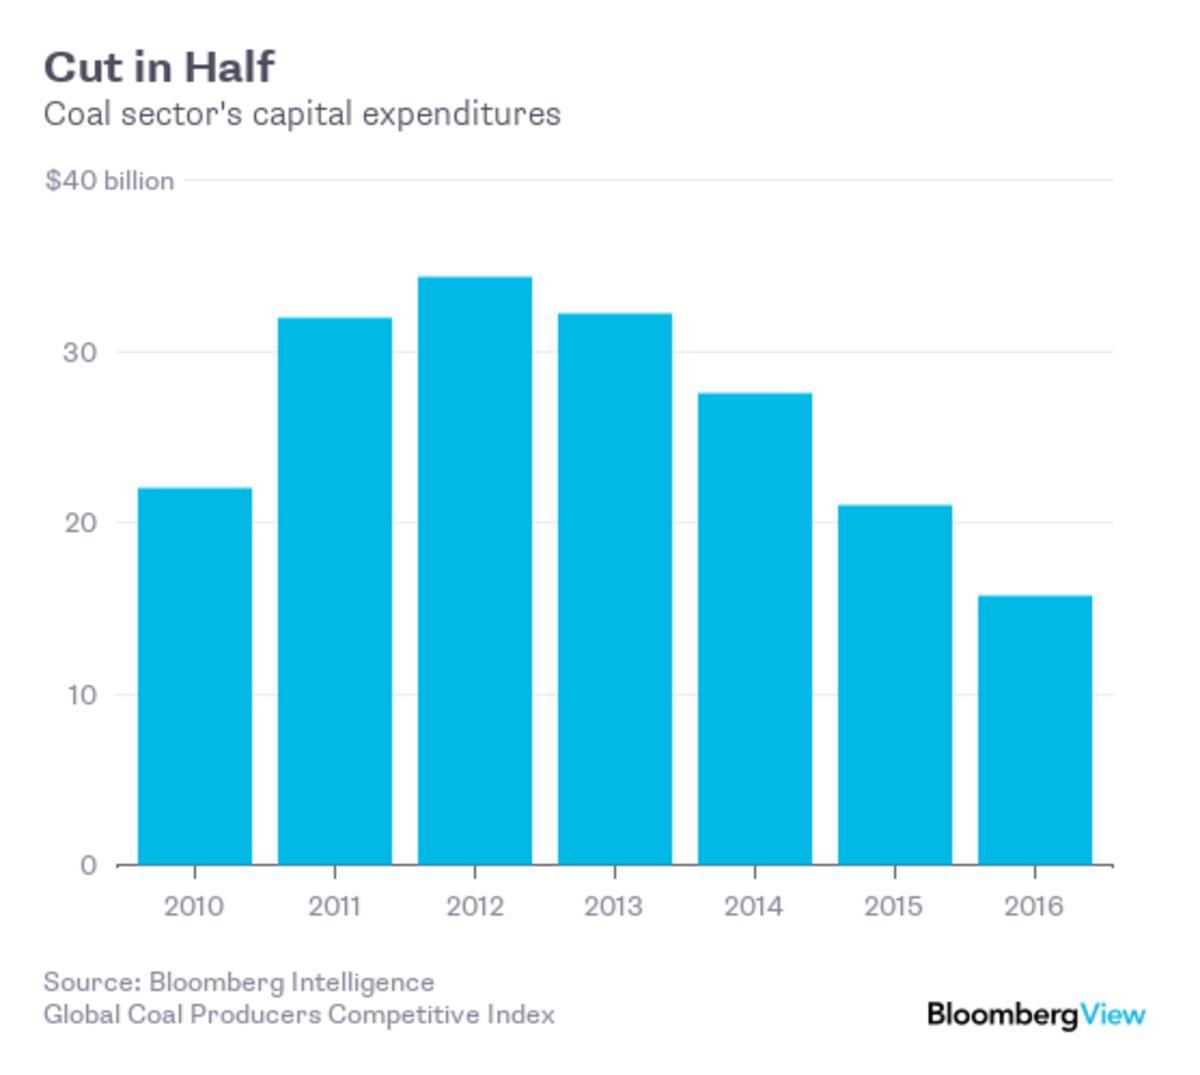 投资商加大脱碳步伐 全球煤炭市场两极分化